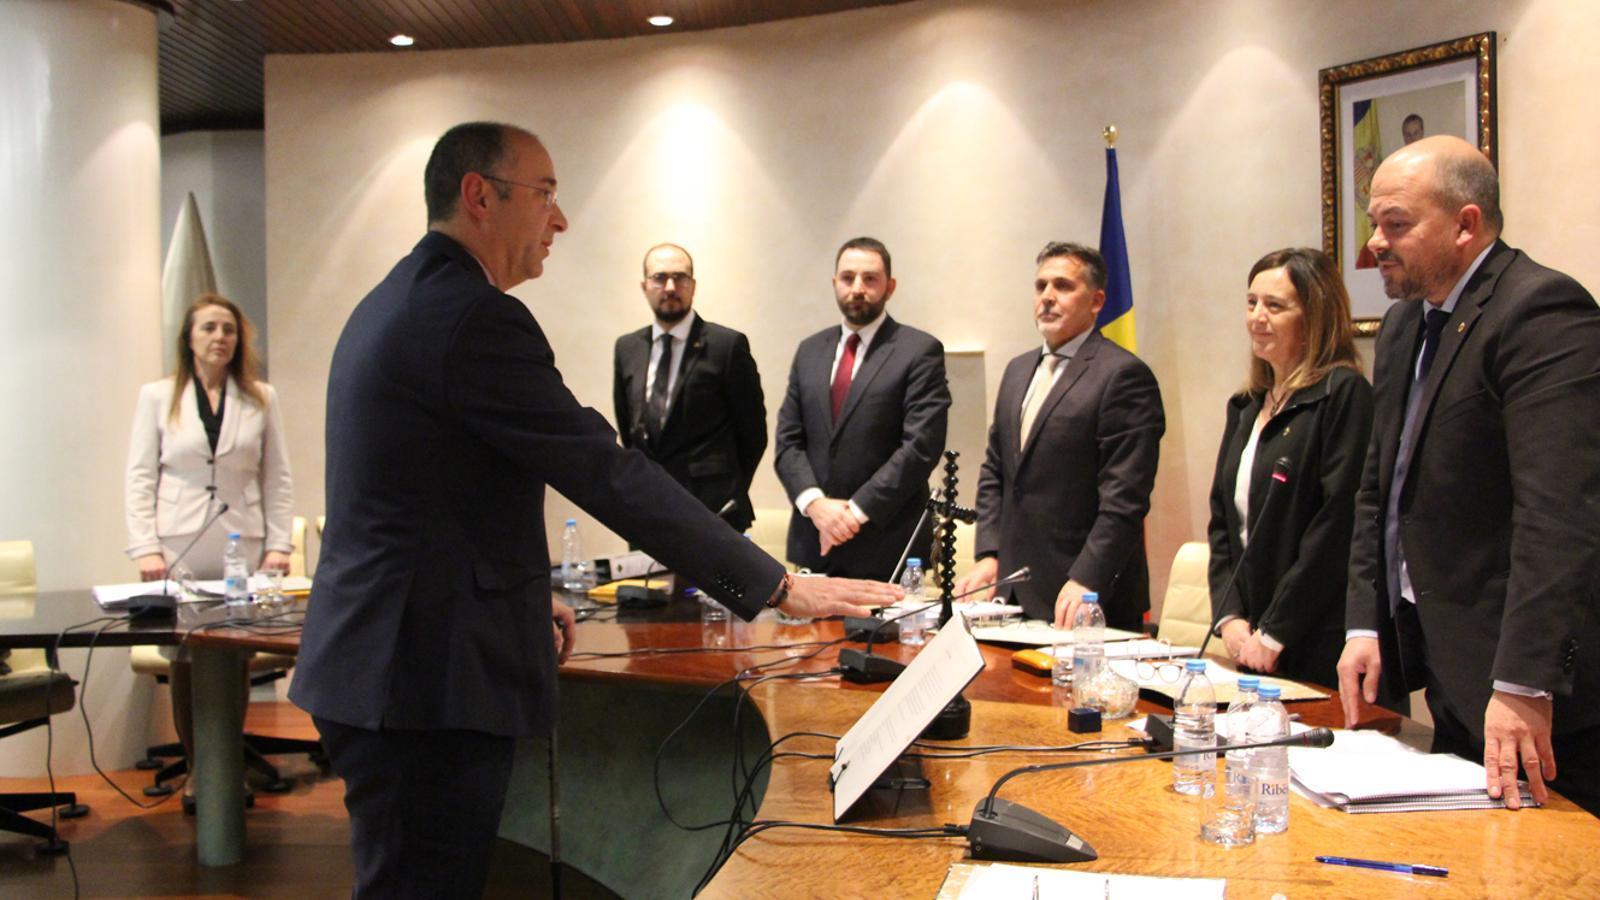 El secretari general del comú d'Encamp a partir del primer de gener, Xavier Palacios, ha pres jurament del càrrec aquest dijous. / E. J. M. (ANA)